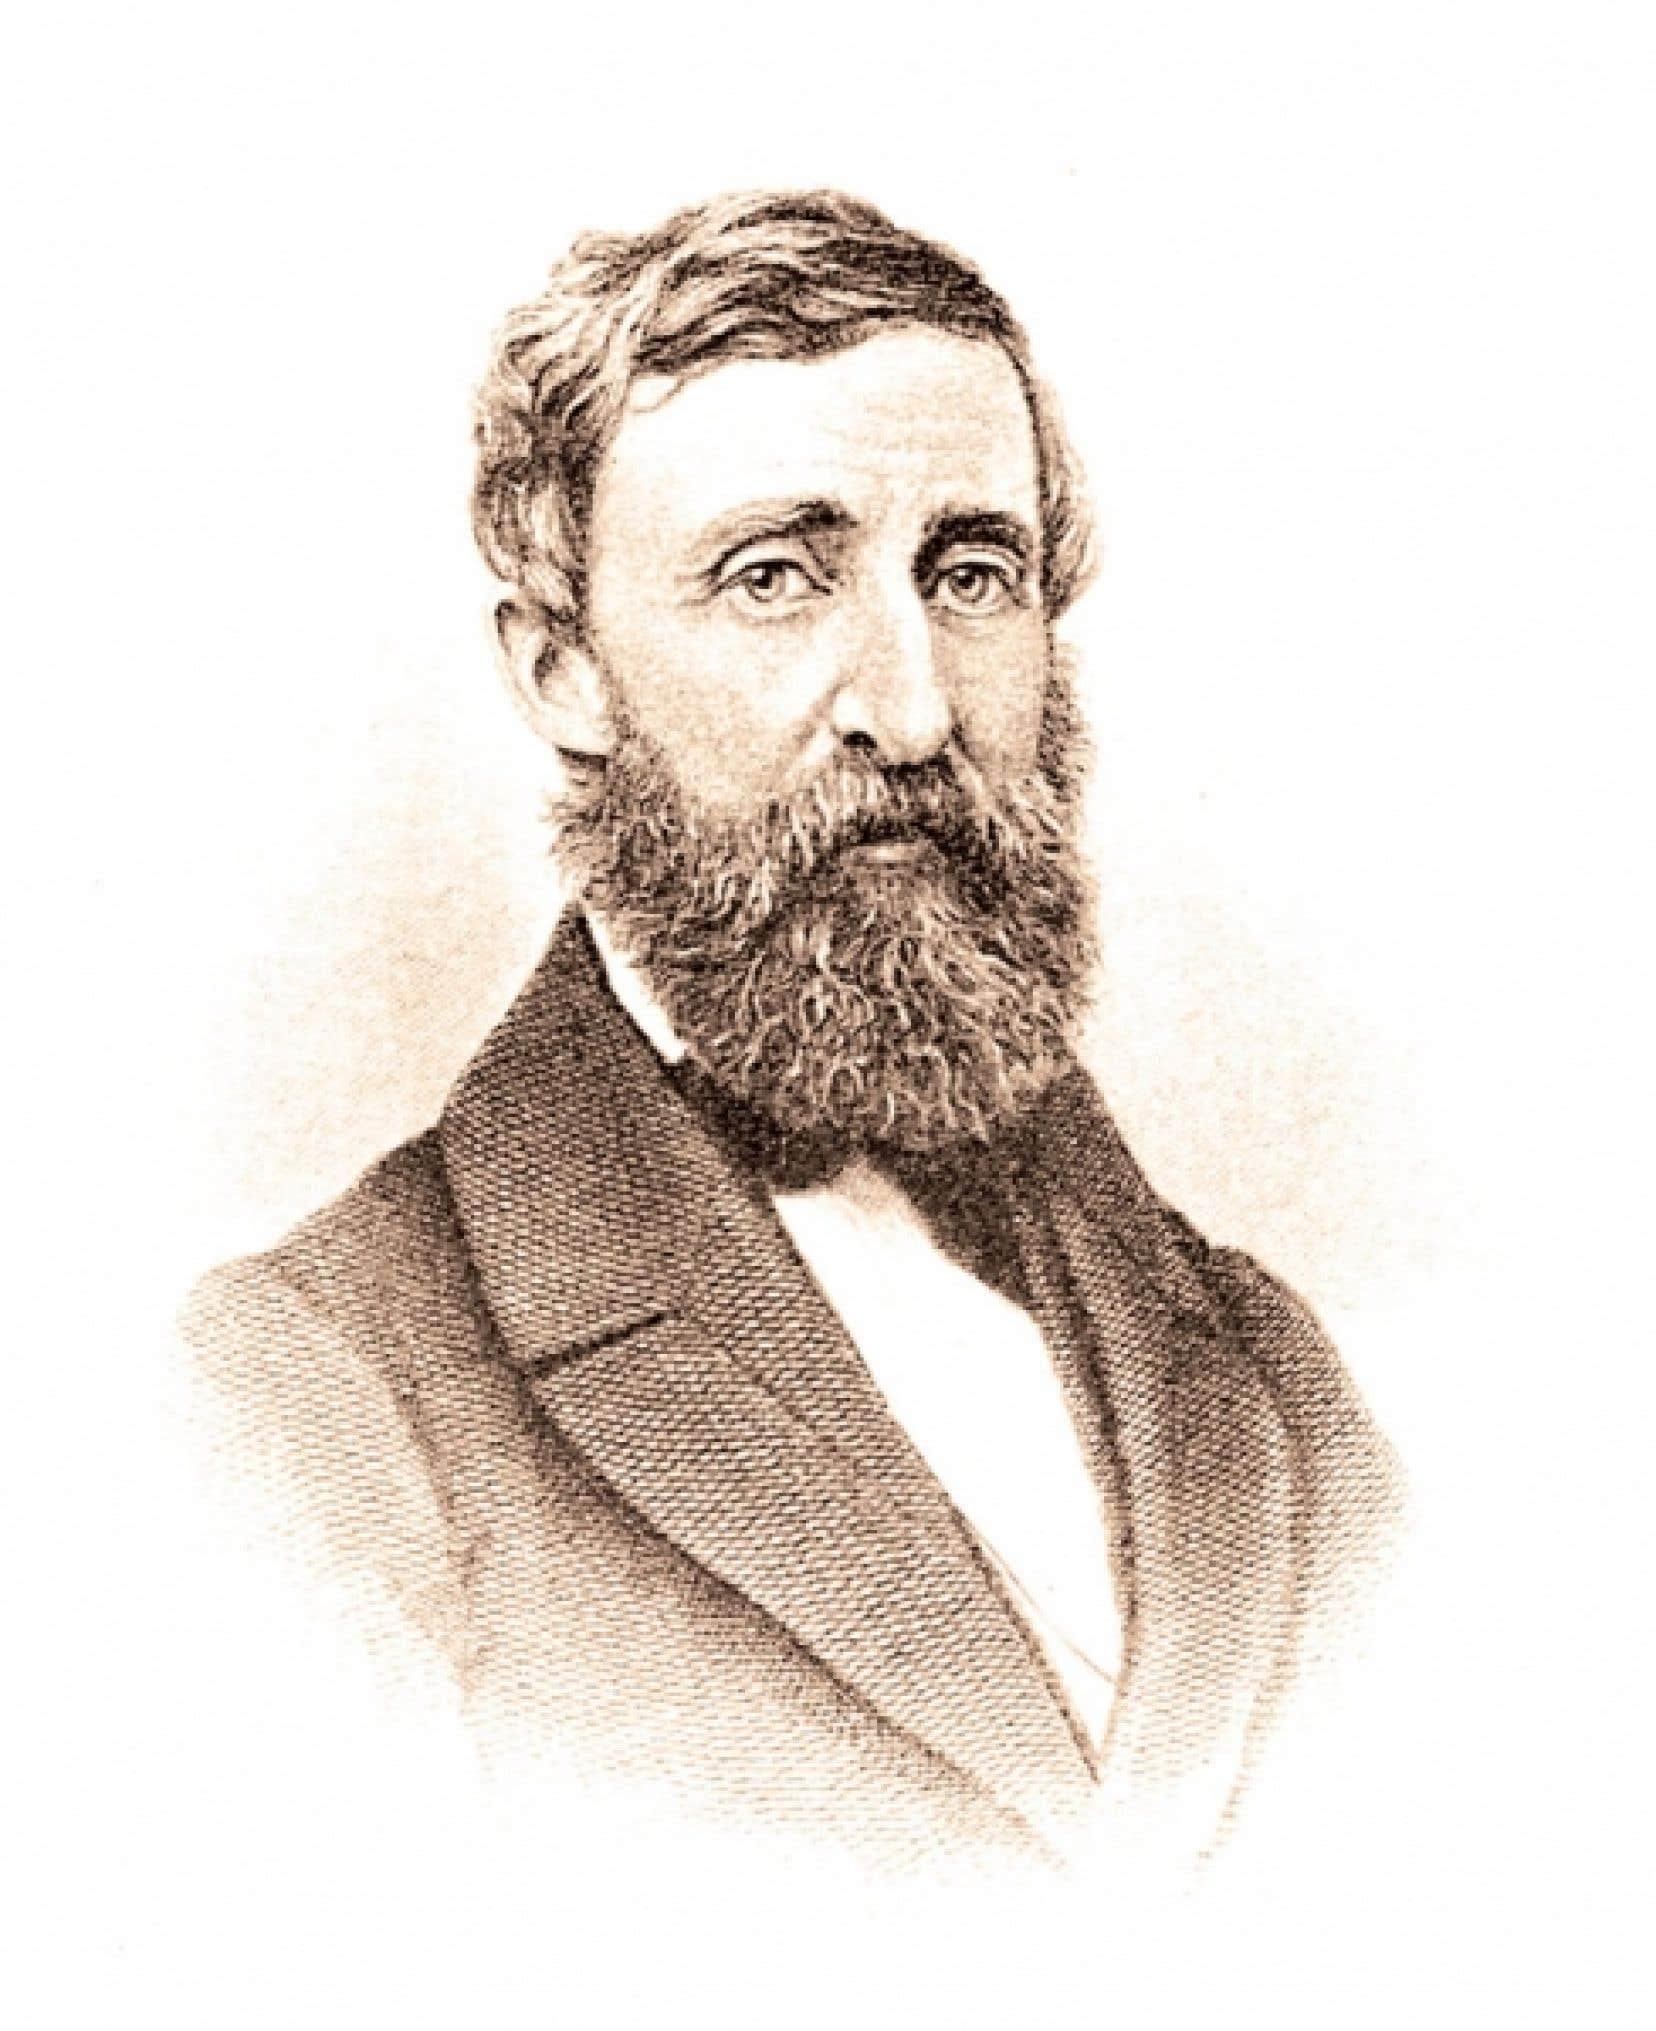 <div> Le philosophe Henry David Thoreau fut emprisonn&eacute;, en 1846, pour refus de payer l&rsquo;imp&ocirc;t &agrave; l&rsquo;&Eacute;tat du Massachusetts, auquel il reprochait de commercer avec les &Eacute;tats esclavagistes du Sud.&nbsp;Dans son Discours de la d&eacute;sob&eacute;issance civile (1849), il &eacute;crit ceci: &laquo;La soumission aux lois iniques peut constituer un crime; la d&eacute;sob&eacute;issance devient alors un devoir envers soi-m&ecirc;me, en m&ecirc;me temps qu&rsquo;un devoir civique [...]&raquo;.</div>